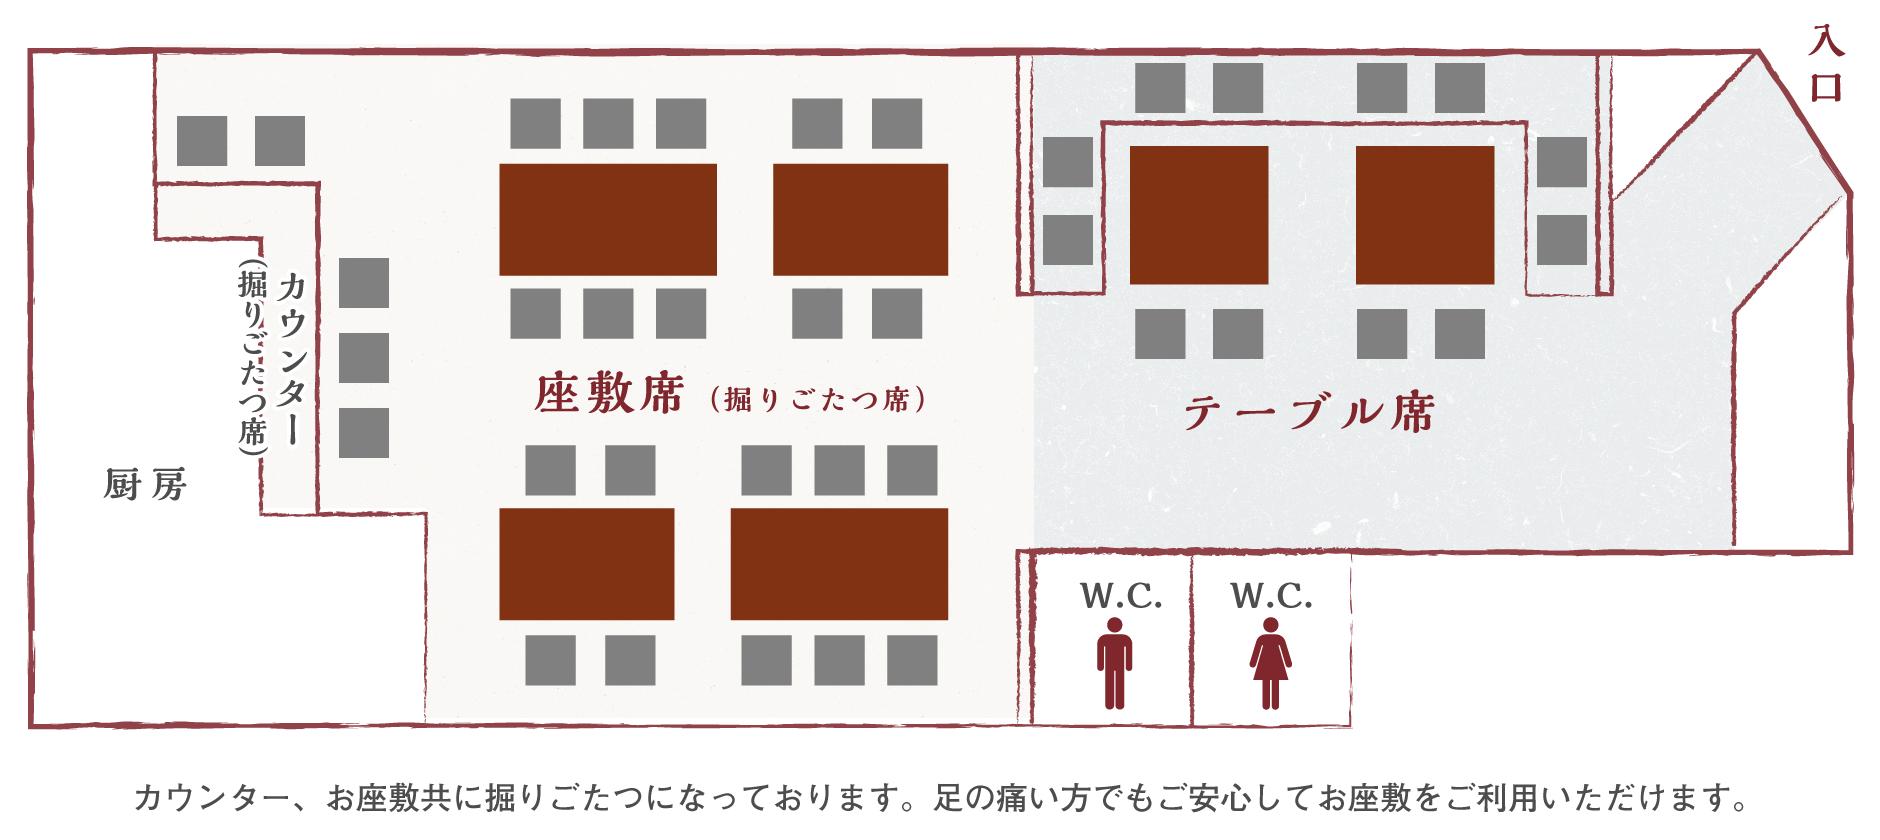 お席の配置図1